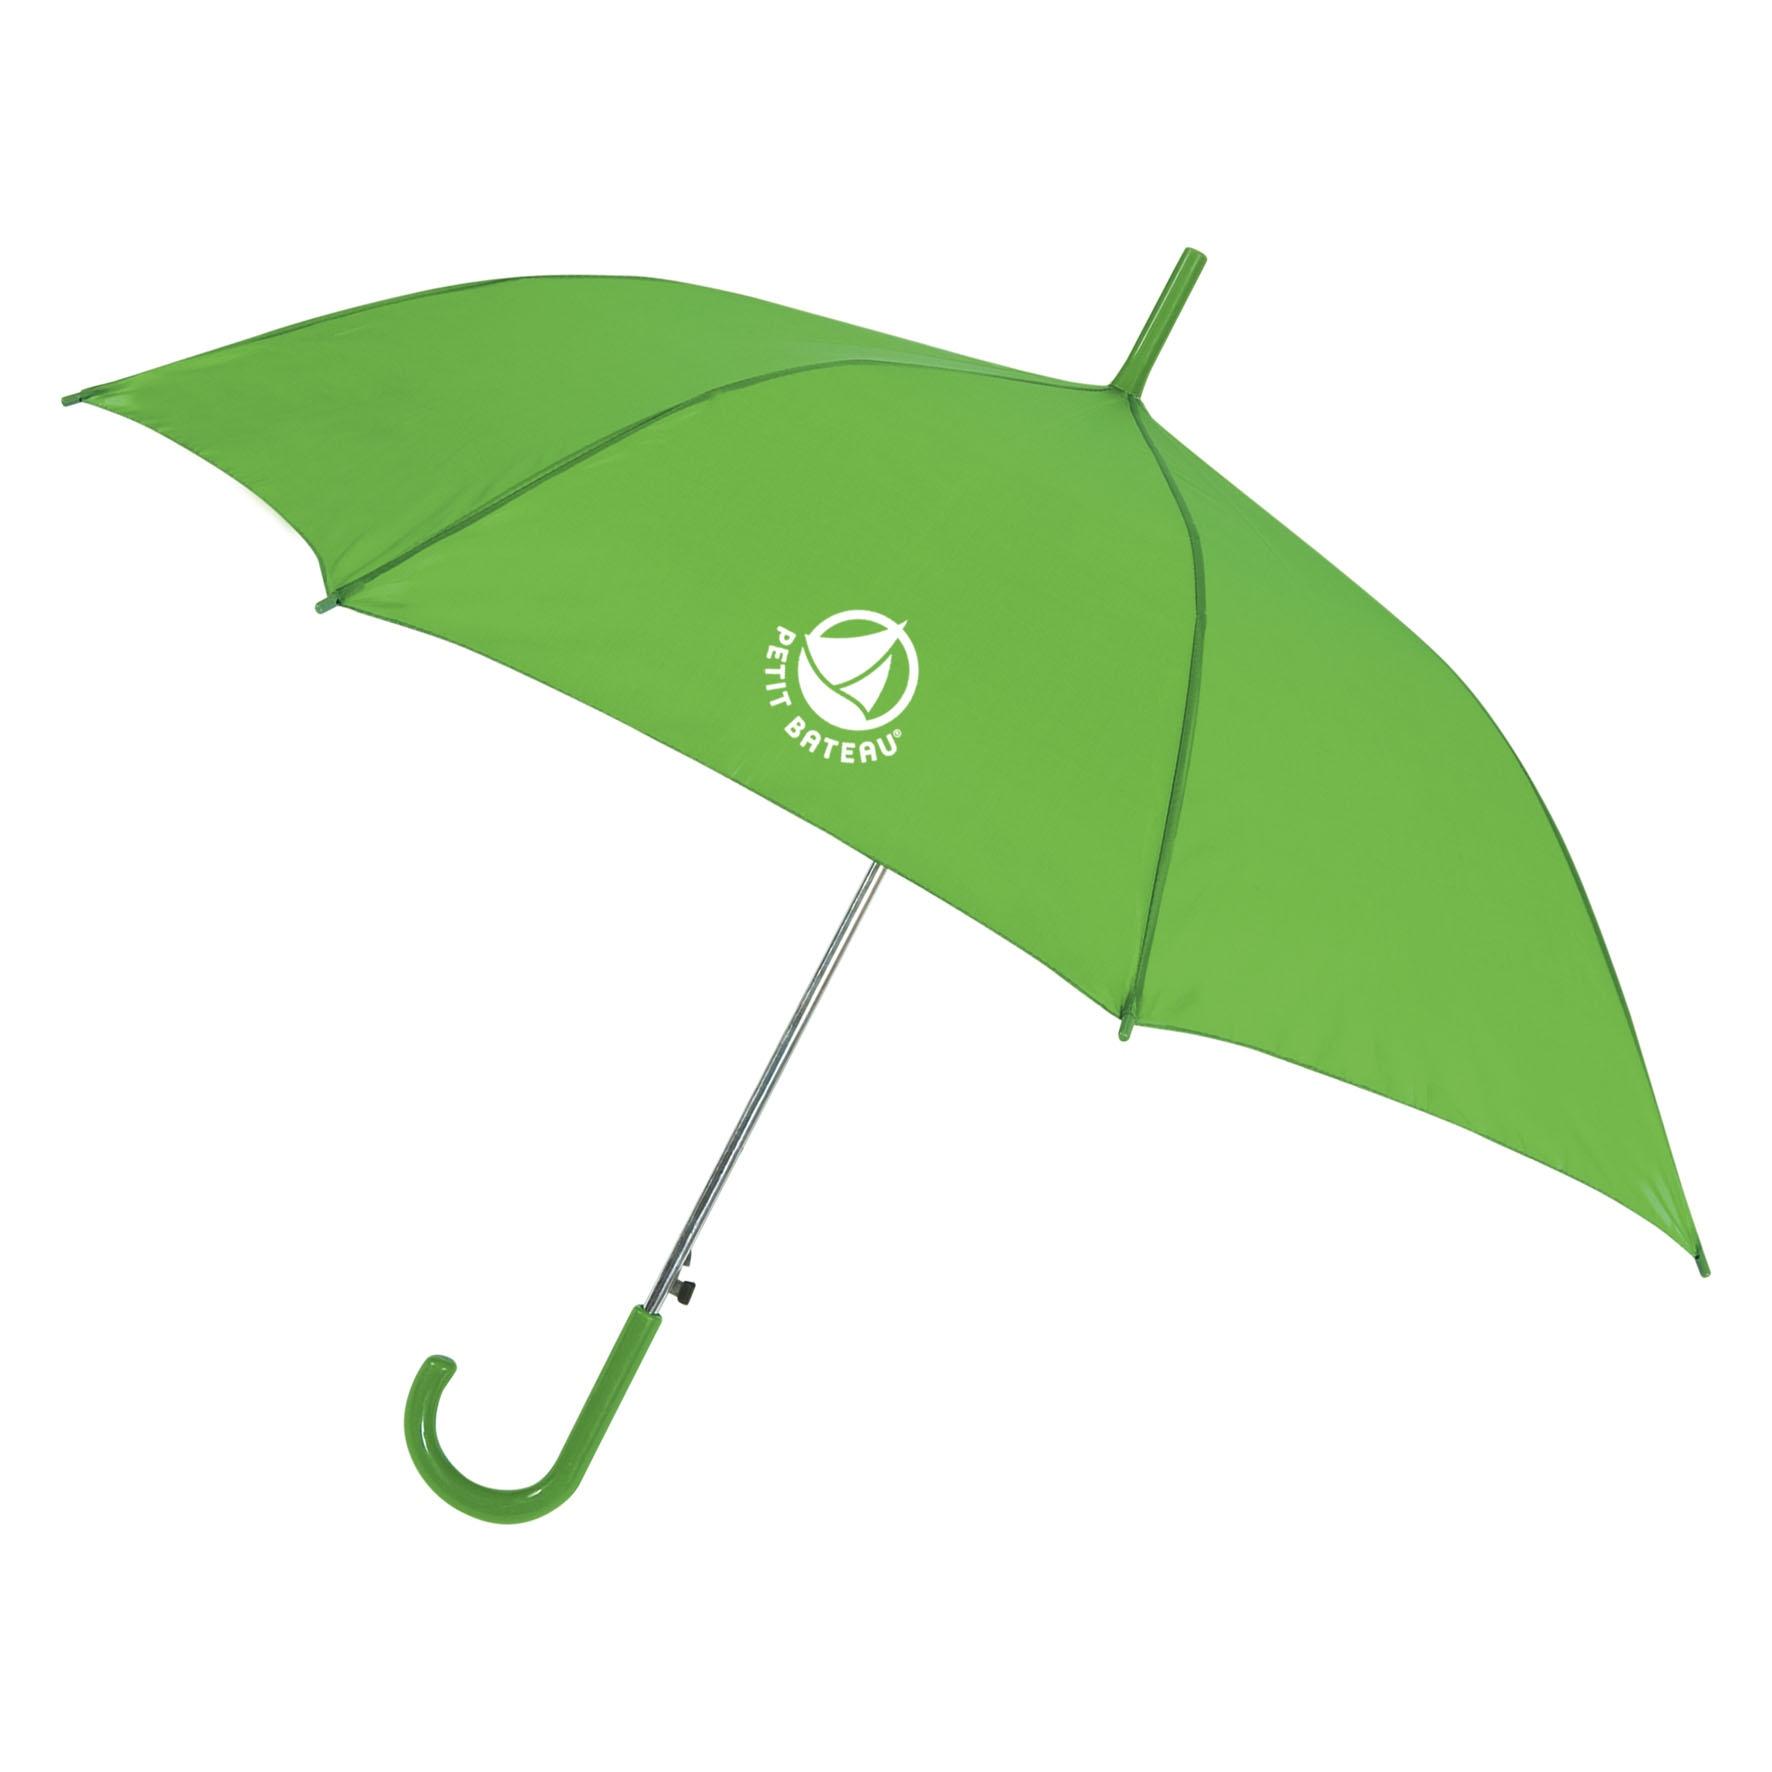 Parapluie publicitaire canne Glav - Parapluie personnalisable